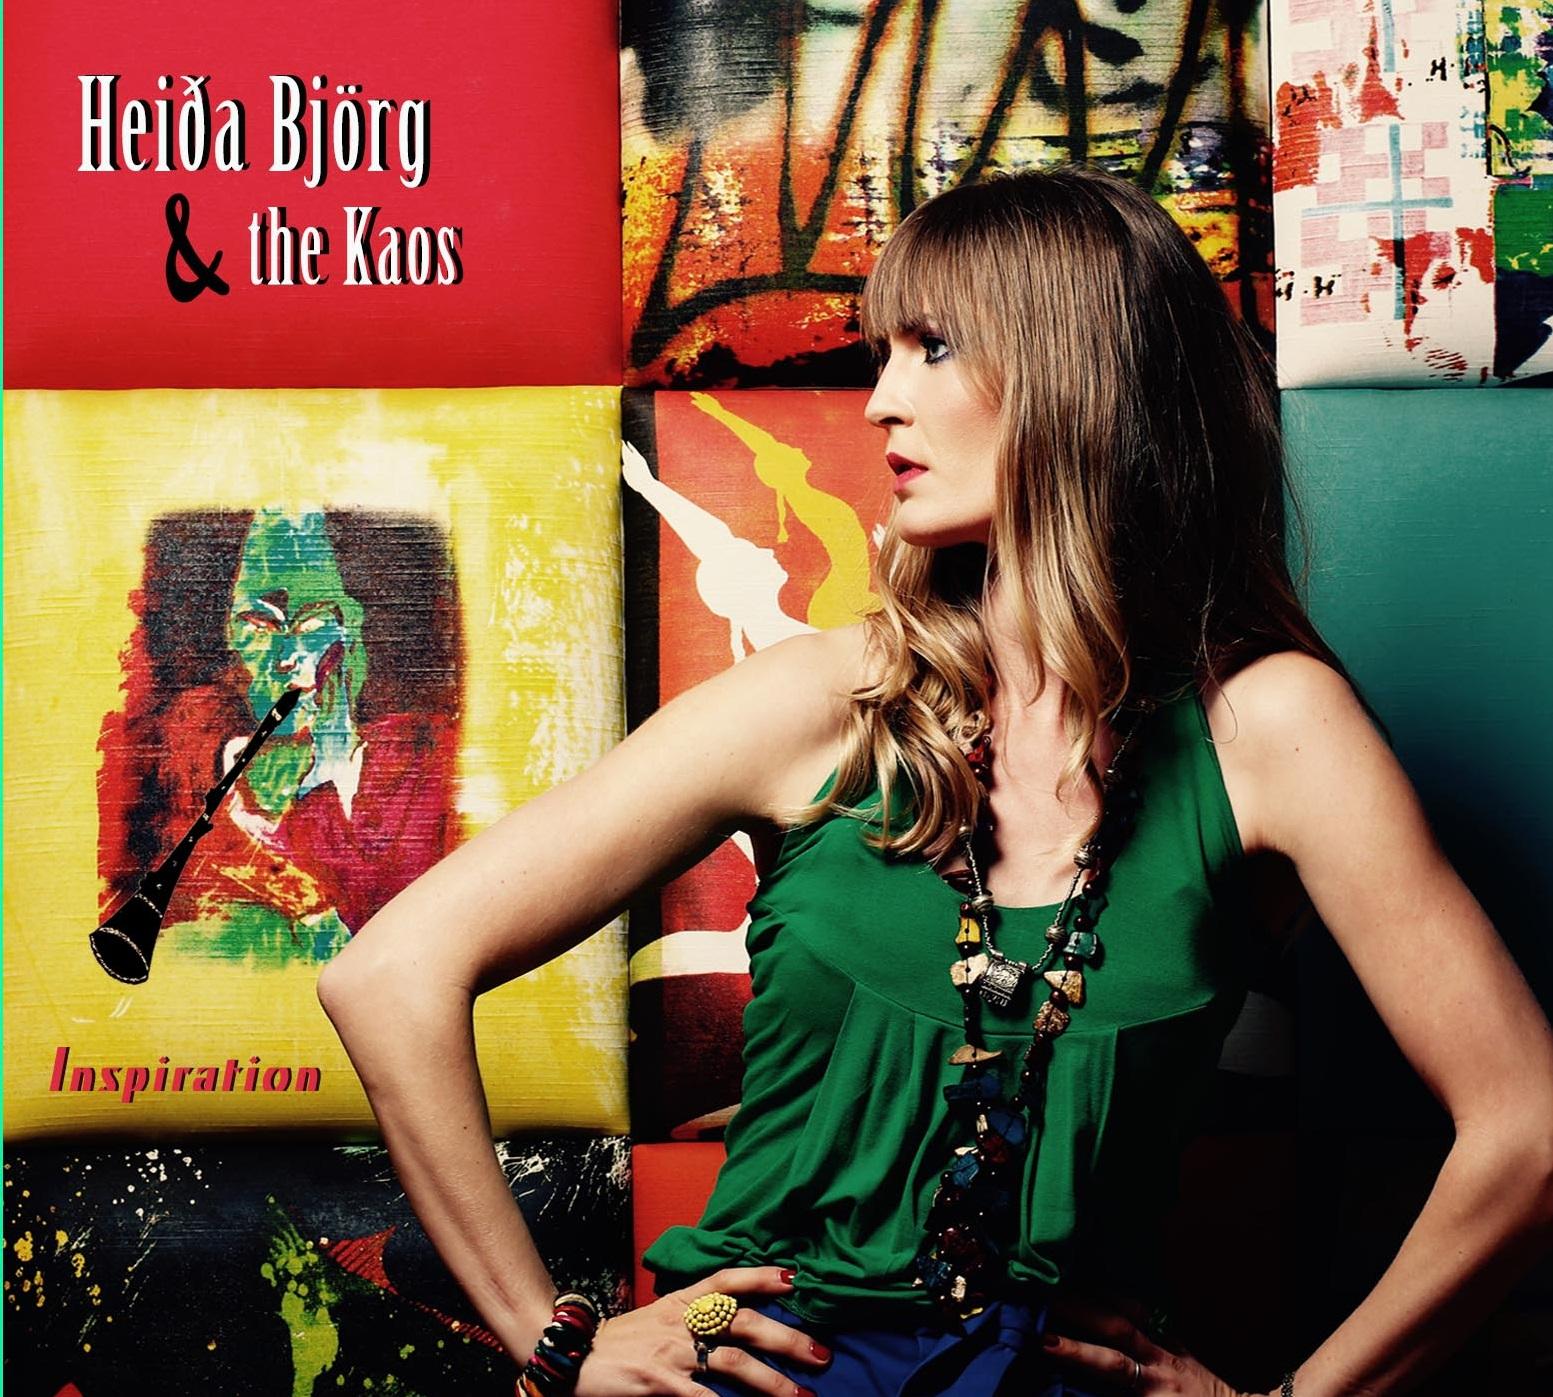 Heiða Björg & the Kaos: Aleiin